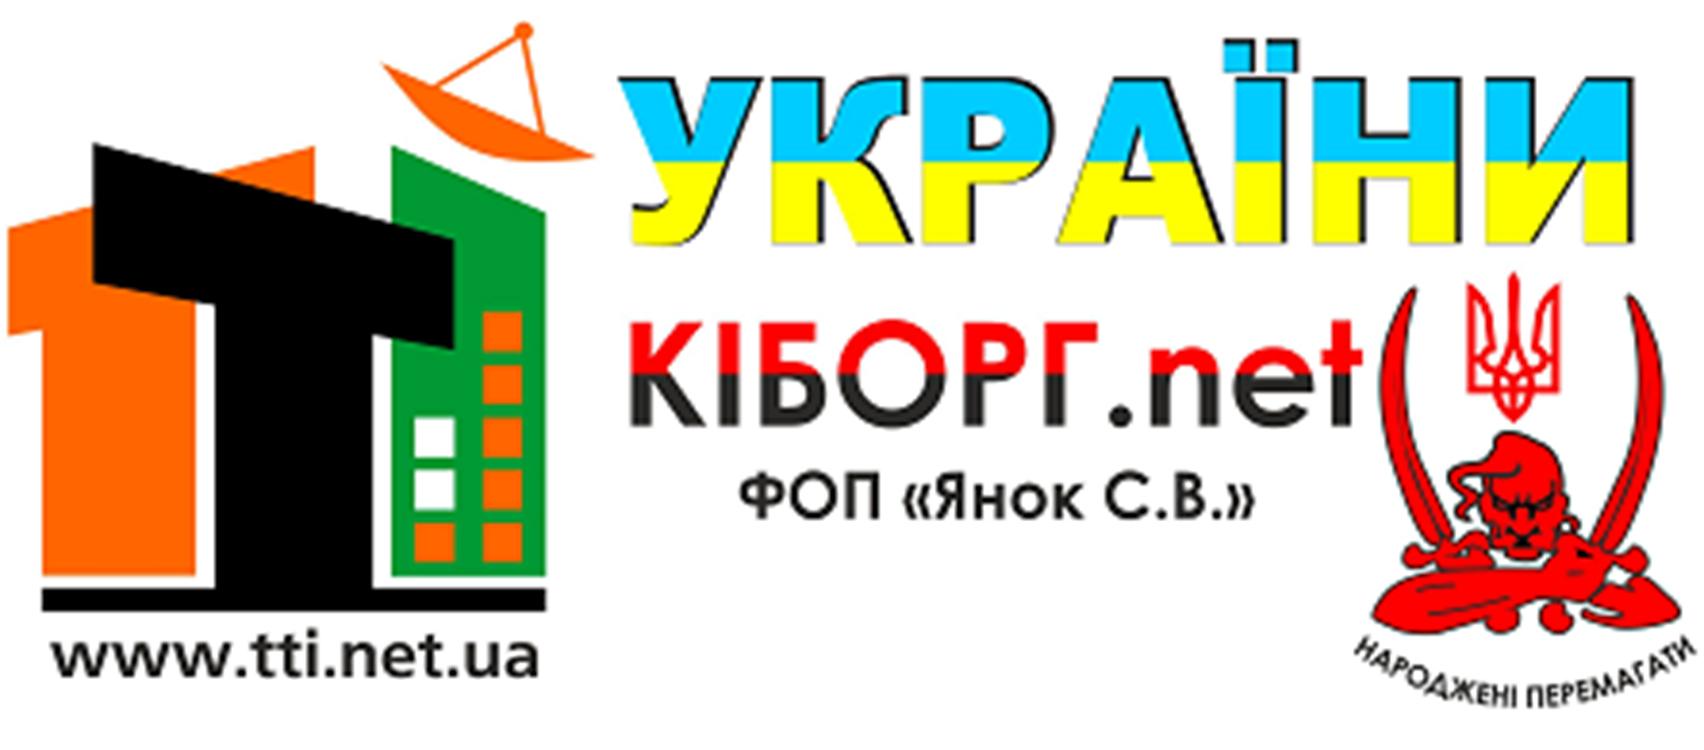 TTI, КІБОРГ.net (ФОП Янок С. В.)